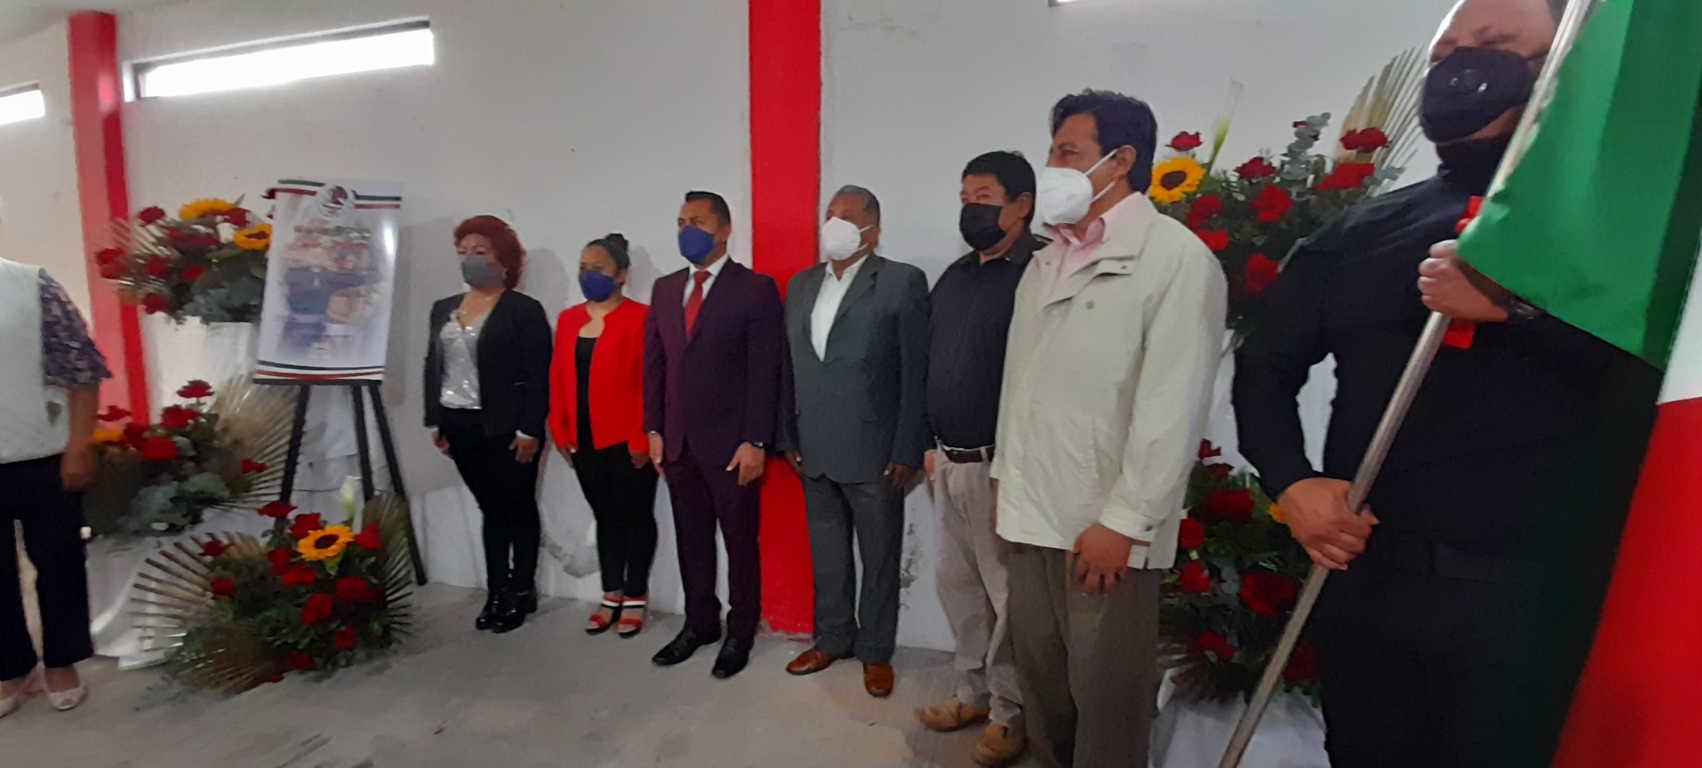 No habrá eventos masivos en Xicohtzinco, anunció Luis Ángel Barroso